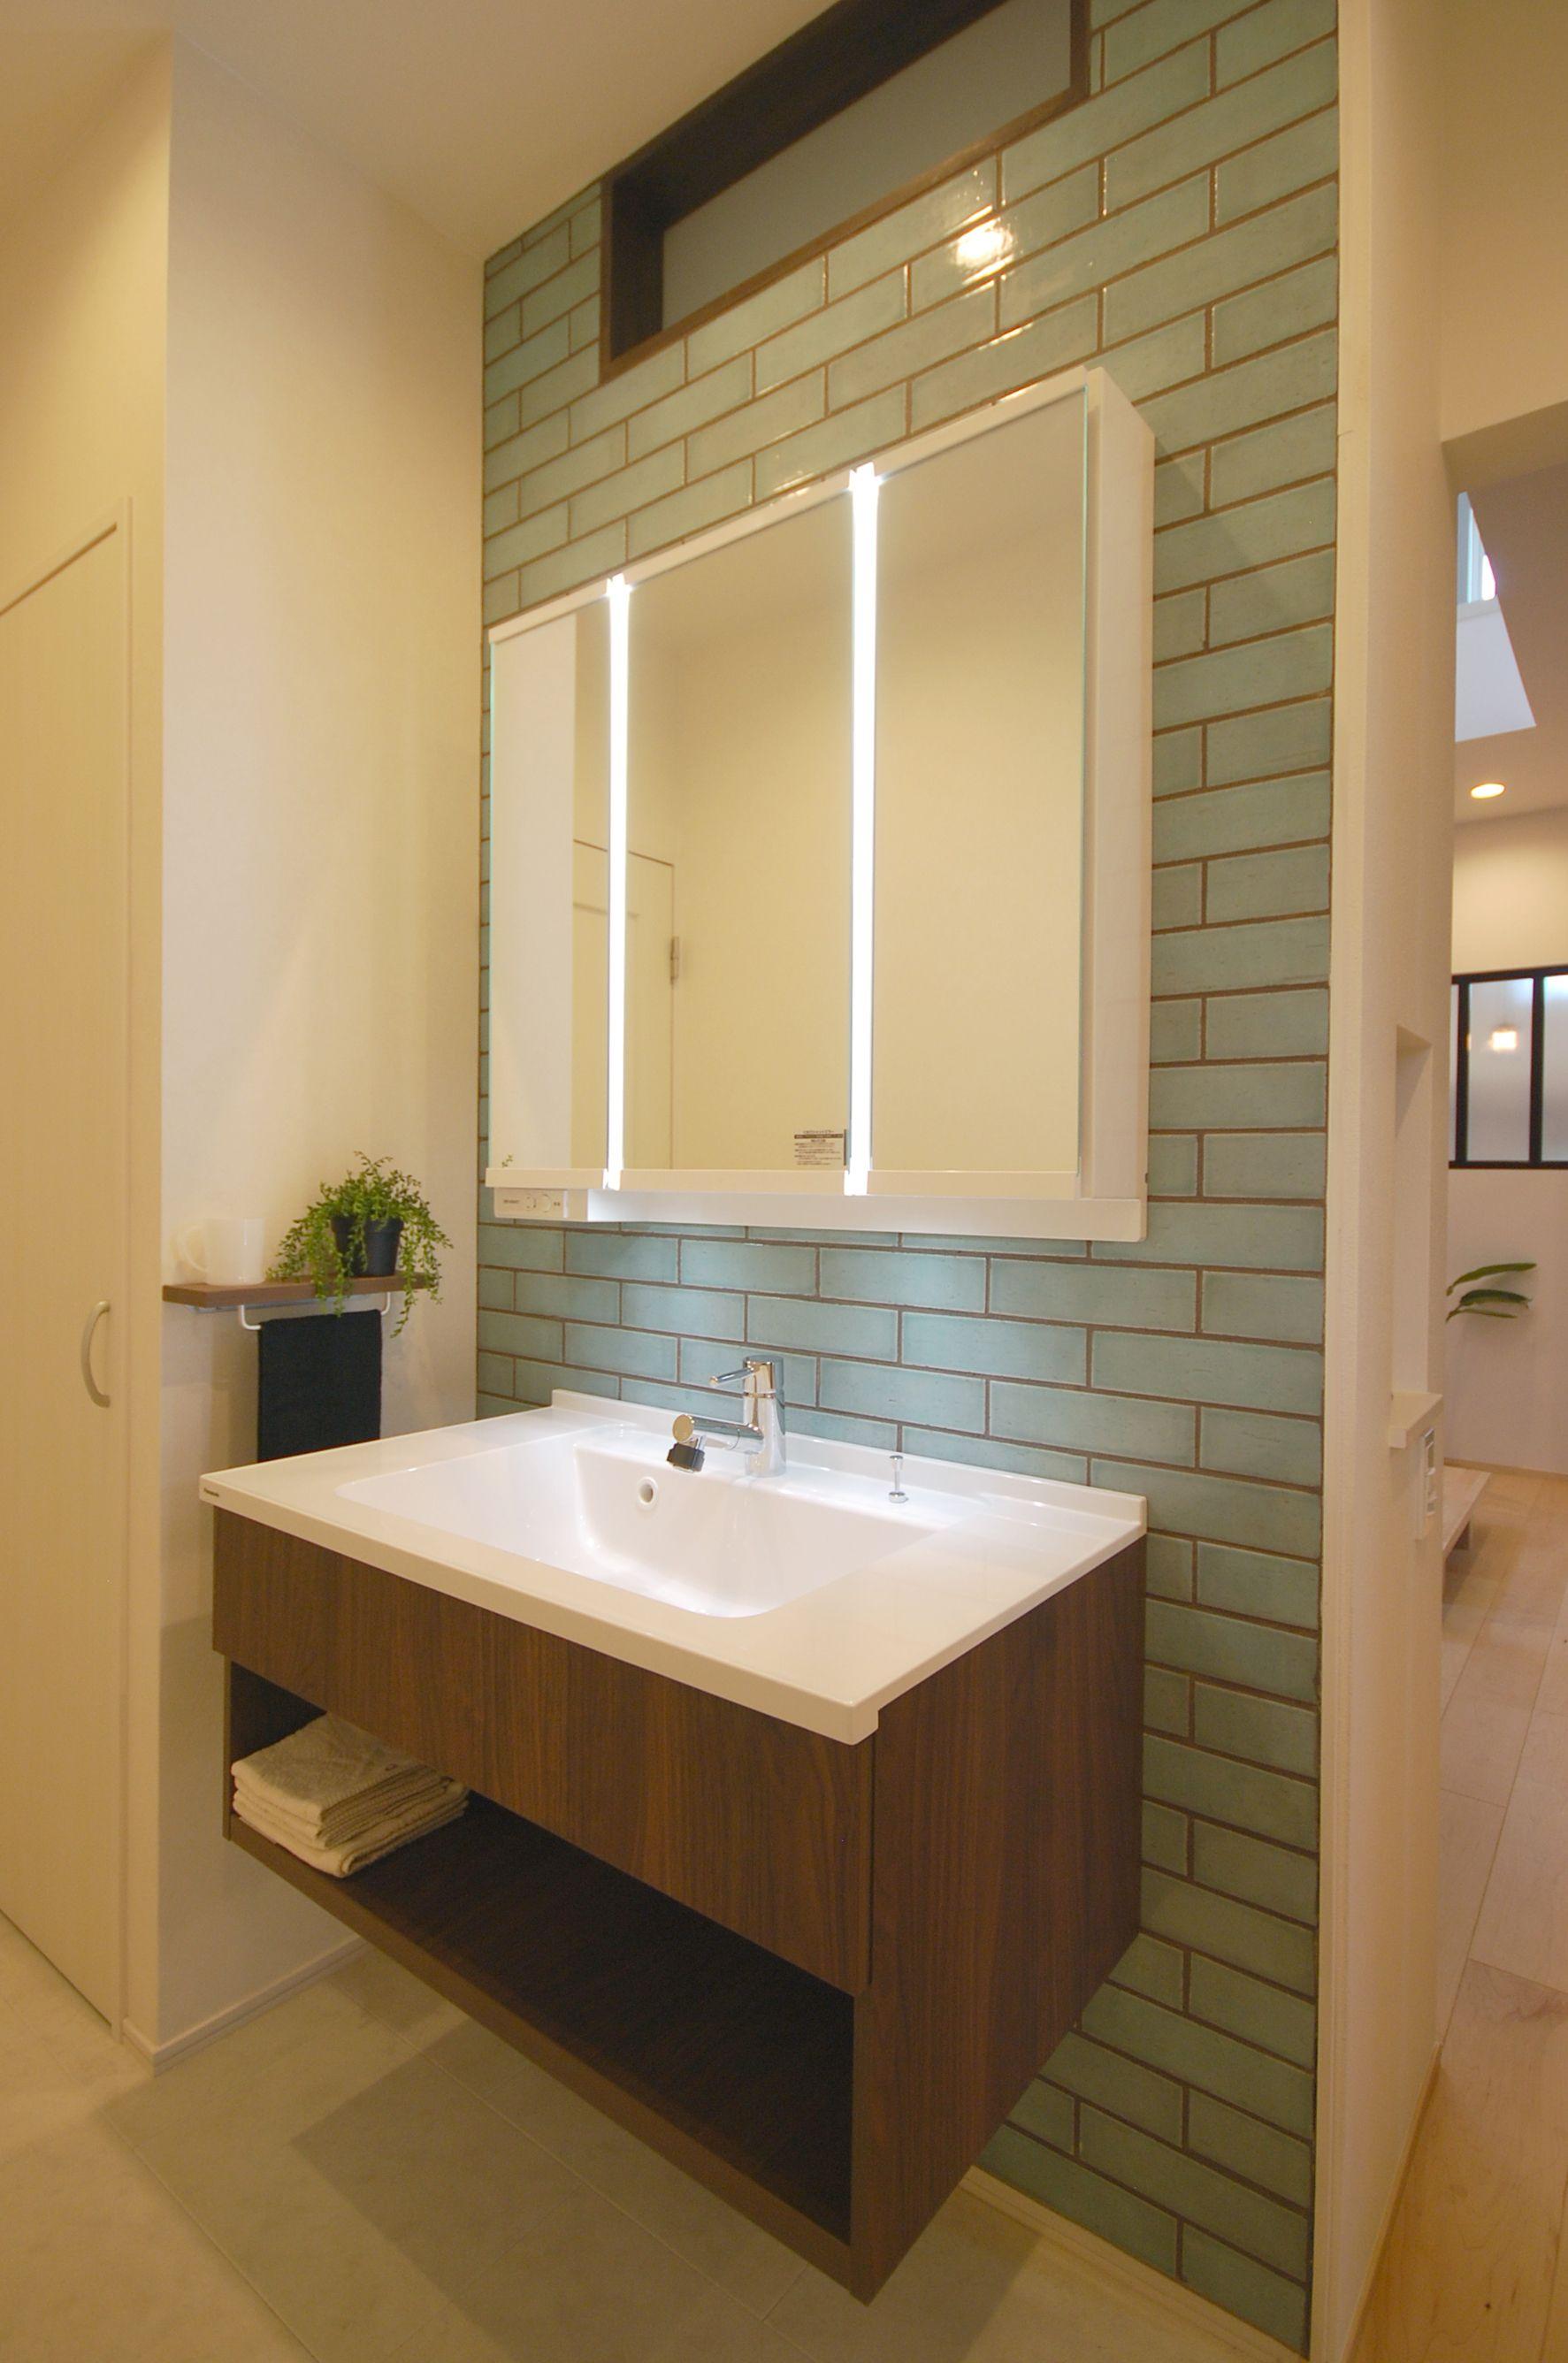 2世帯みんなが使いやすいタイルと棚のフロート洗面 パウダールーム